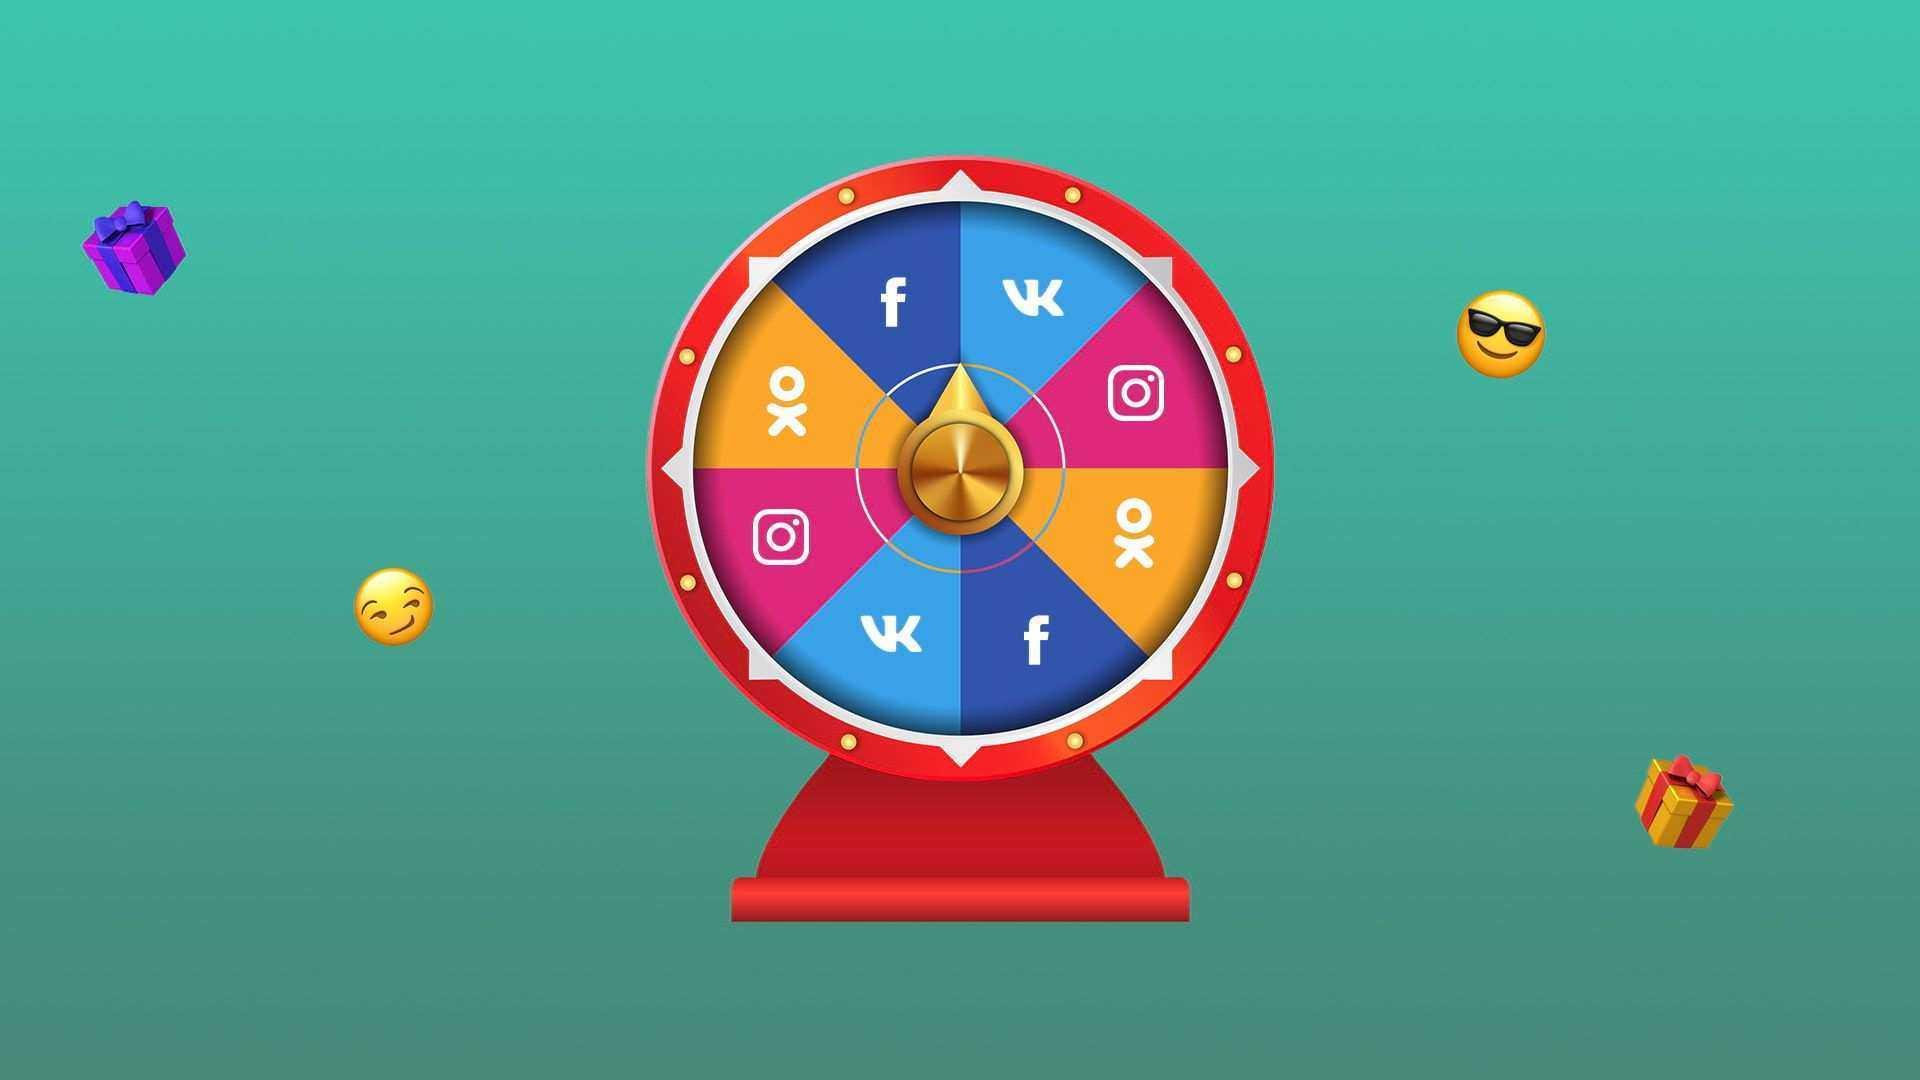 8 бесплатных сервисов для конкурсов в соцсетях